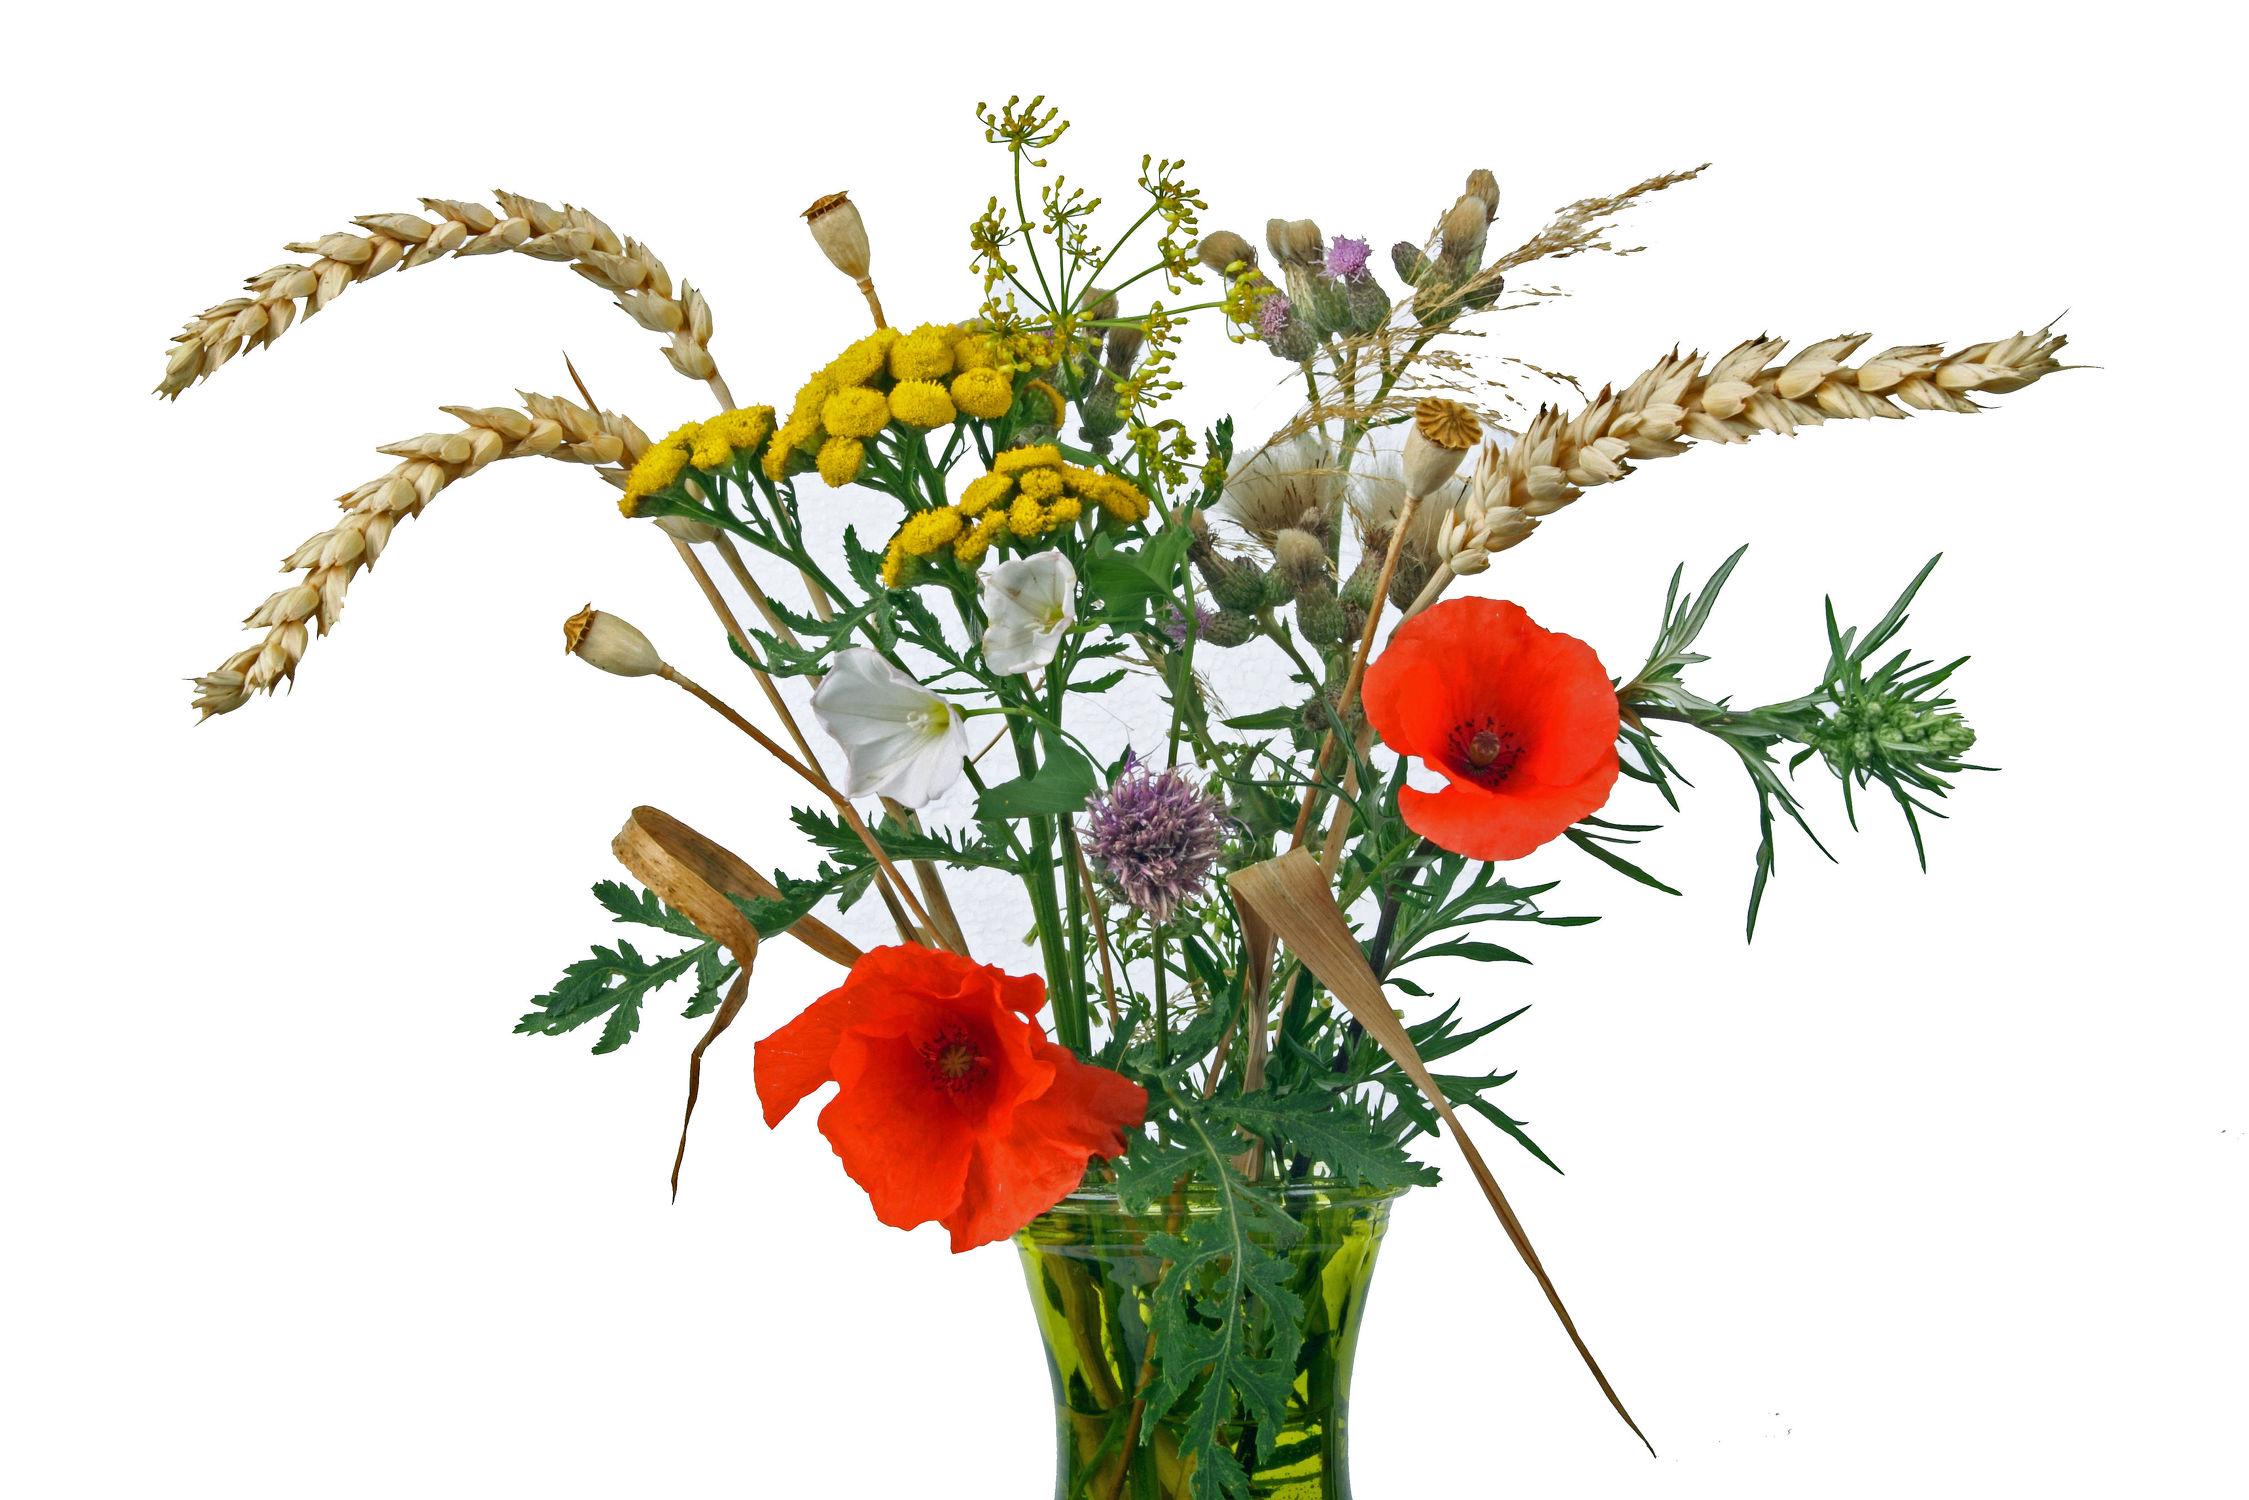 Bild mit Pflanzen, Blumen, Getreide, Mohn, Blätter, Blume, Pflanze, Mohnblüte, Blumenstrauß, Feldblumen, Floral, Blüten, Florales, vase